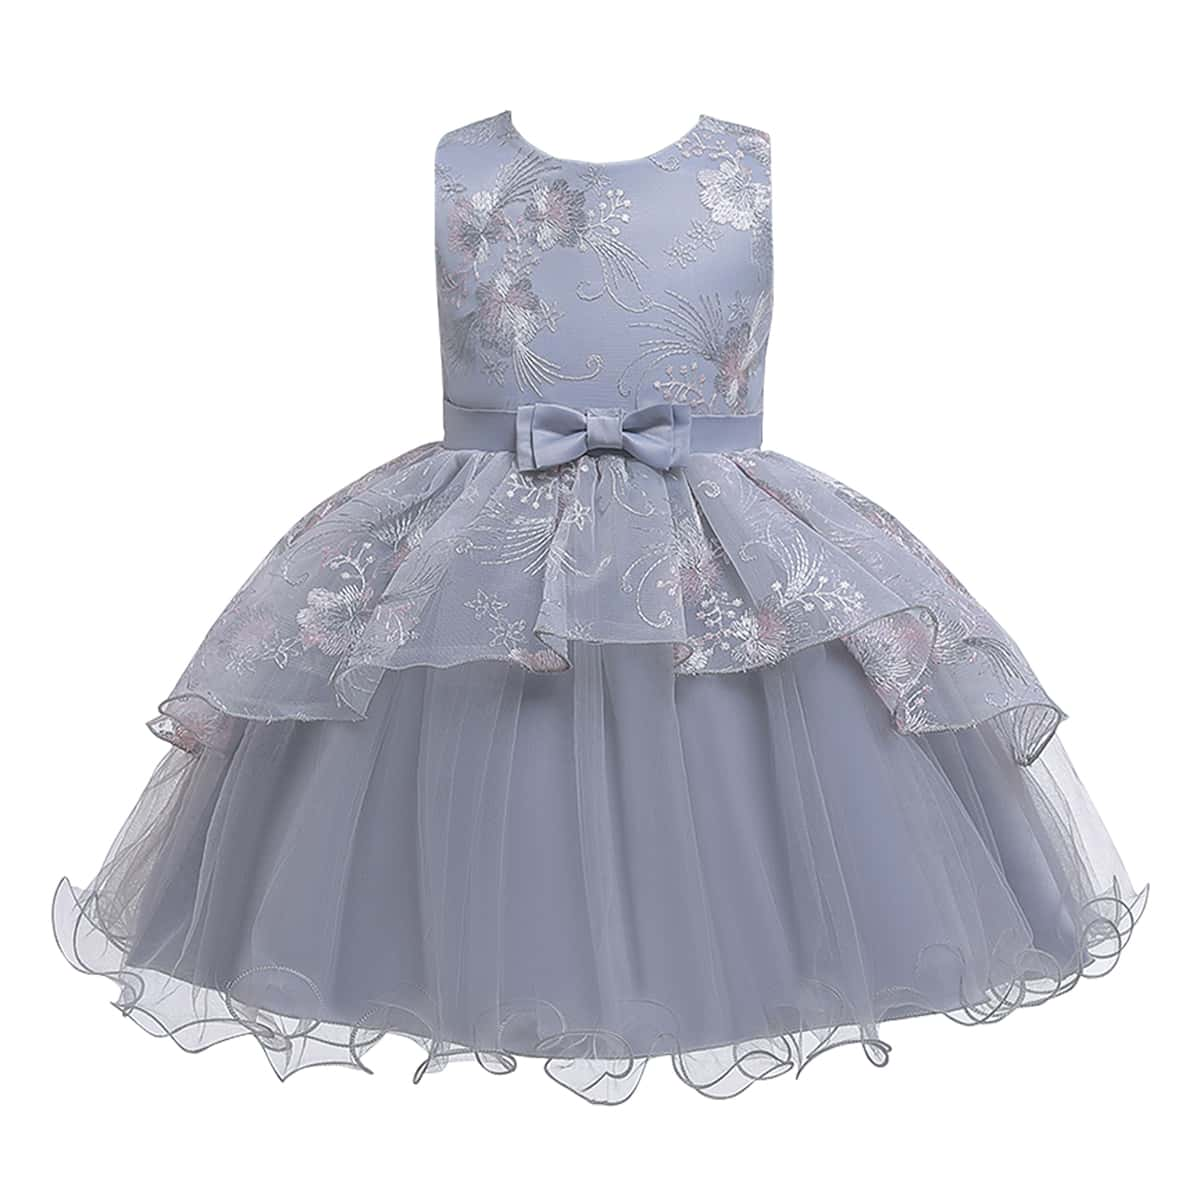 Многослойное сетчатое платье с бантом и вышивкой для девочек